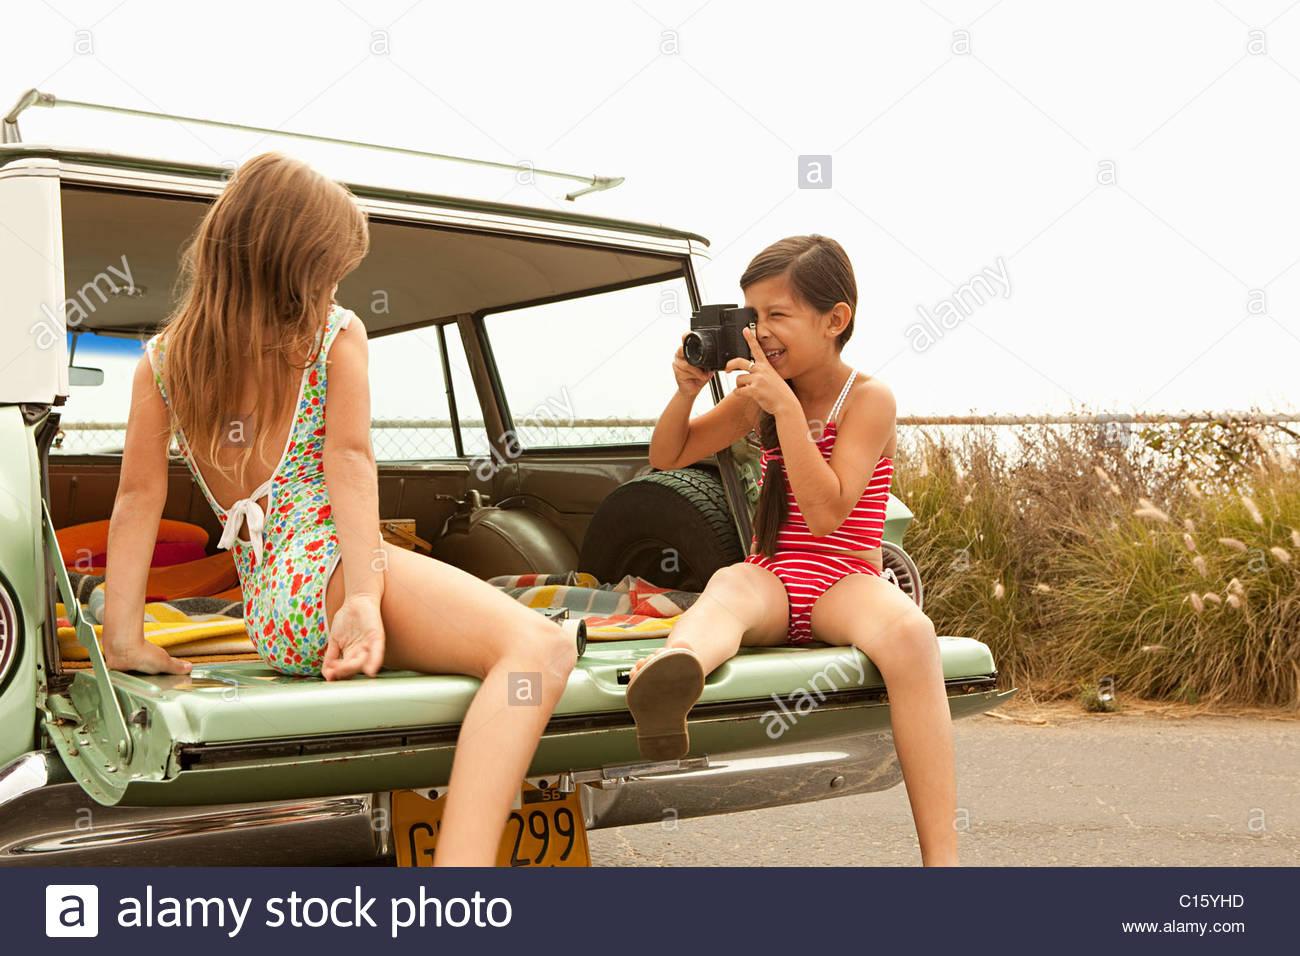 Deux filles assis dans votre voiture taking photograph Photo Stock